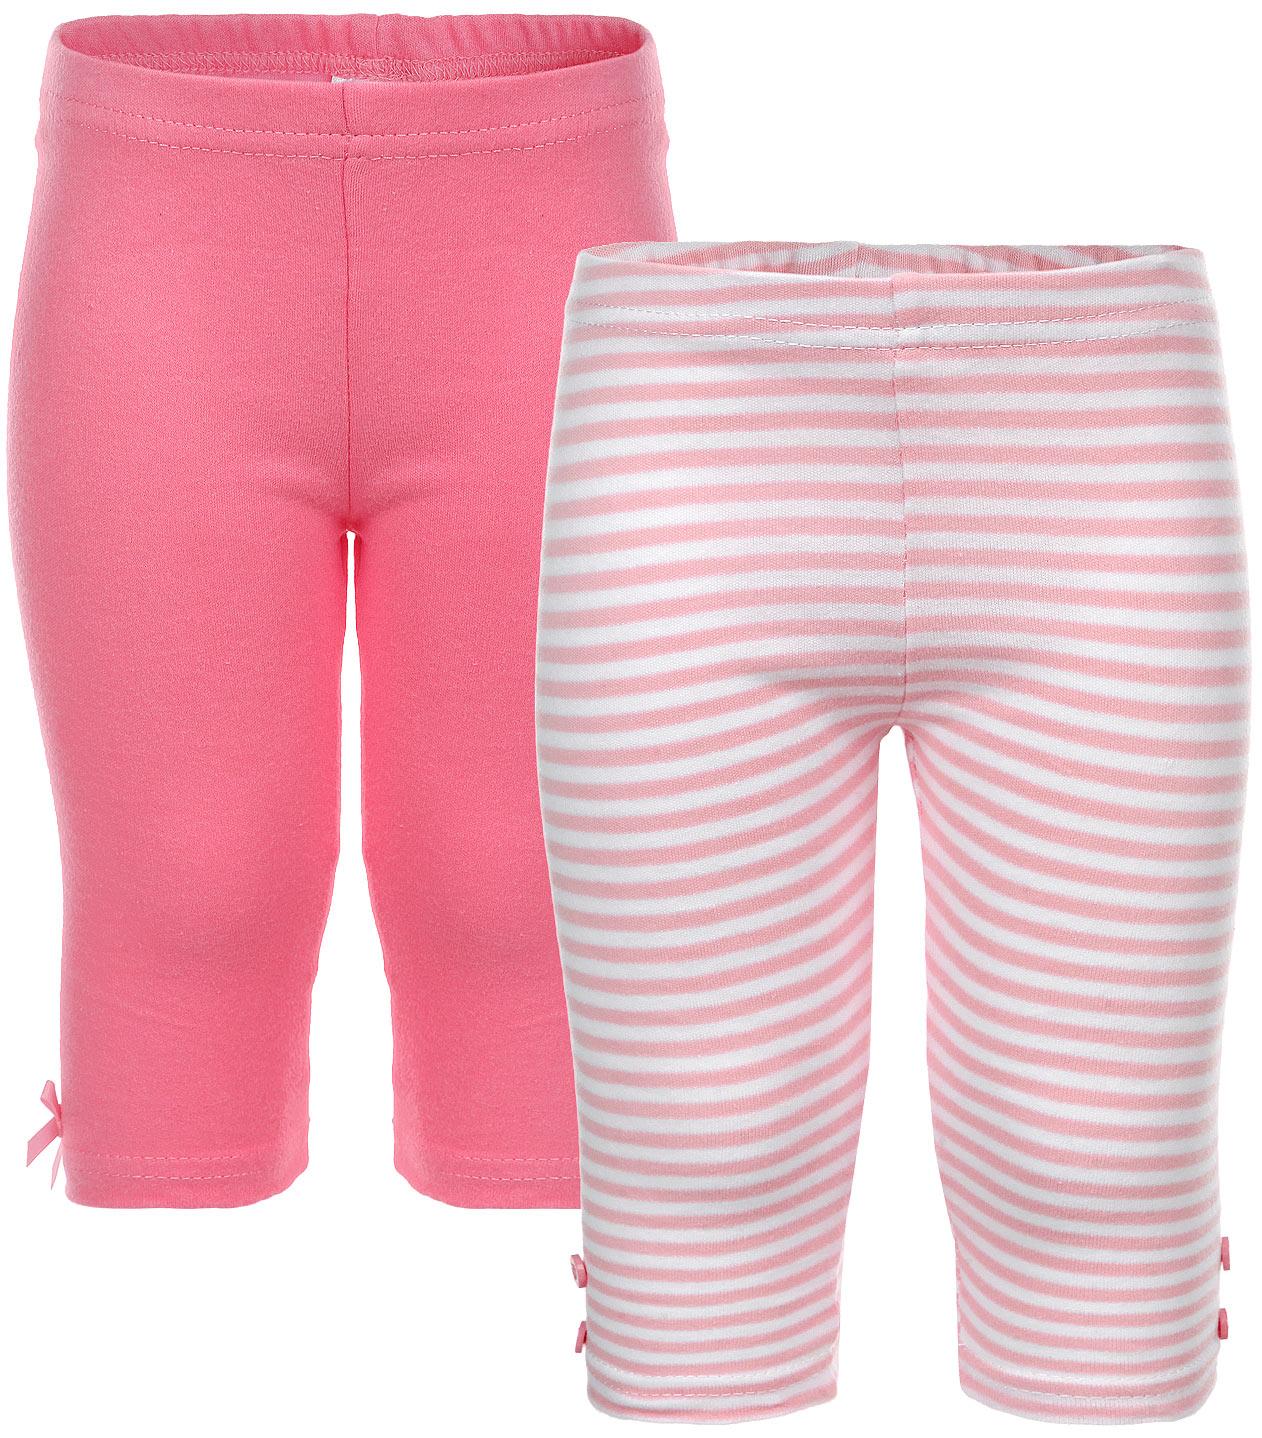 Леггинсы для девочки PlayToday Baby, цвет: розовый, белый, 2 шт. 168806. Размер 56168806Стильные леггинсы для девочки PlayToday Baby идеально подойдут для активного отдыха и прогулок. Изготовленные из натурального 100% хлопка, они необычайно мягкие и приятные на ощупь, не сковывают движения малыша и позволяют коже дышать, не раздражают даже самую нежную и чувствительную кожу ребенка, обеспечивая наибольший комфорт. Удобные леггинсы имеют широкую эластичную резинку на поясе, которая не сдавливает животик малышки, обеспечивая ей комфорт и удобство. В комплект входят 2 леггинсов: однотонные и оформленные стильным принтом в полоску.Оригинальный современный дизайн и расцветка делают эти леггинсы модным и стильным предметом детского гардероба. В них ваша малышка всегда будет в центре внимания!